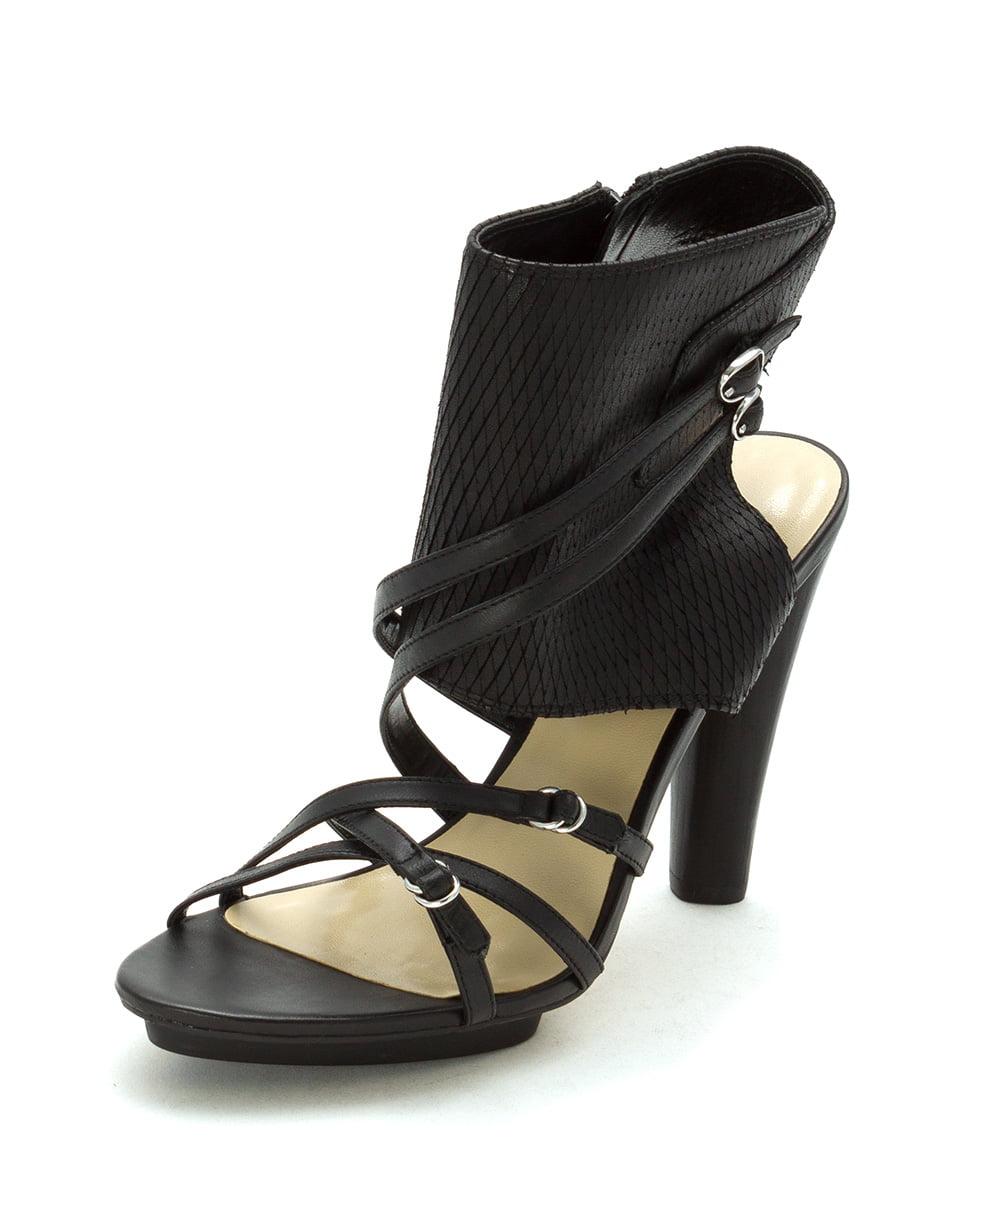 A.B.S. Ankle by Allen Schwartz Womens Caravan Open Toe Ankle A.B.S. Wrap, Black, Size 9.5 9d8804